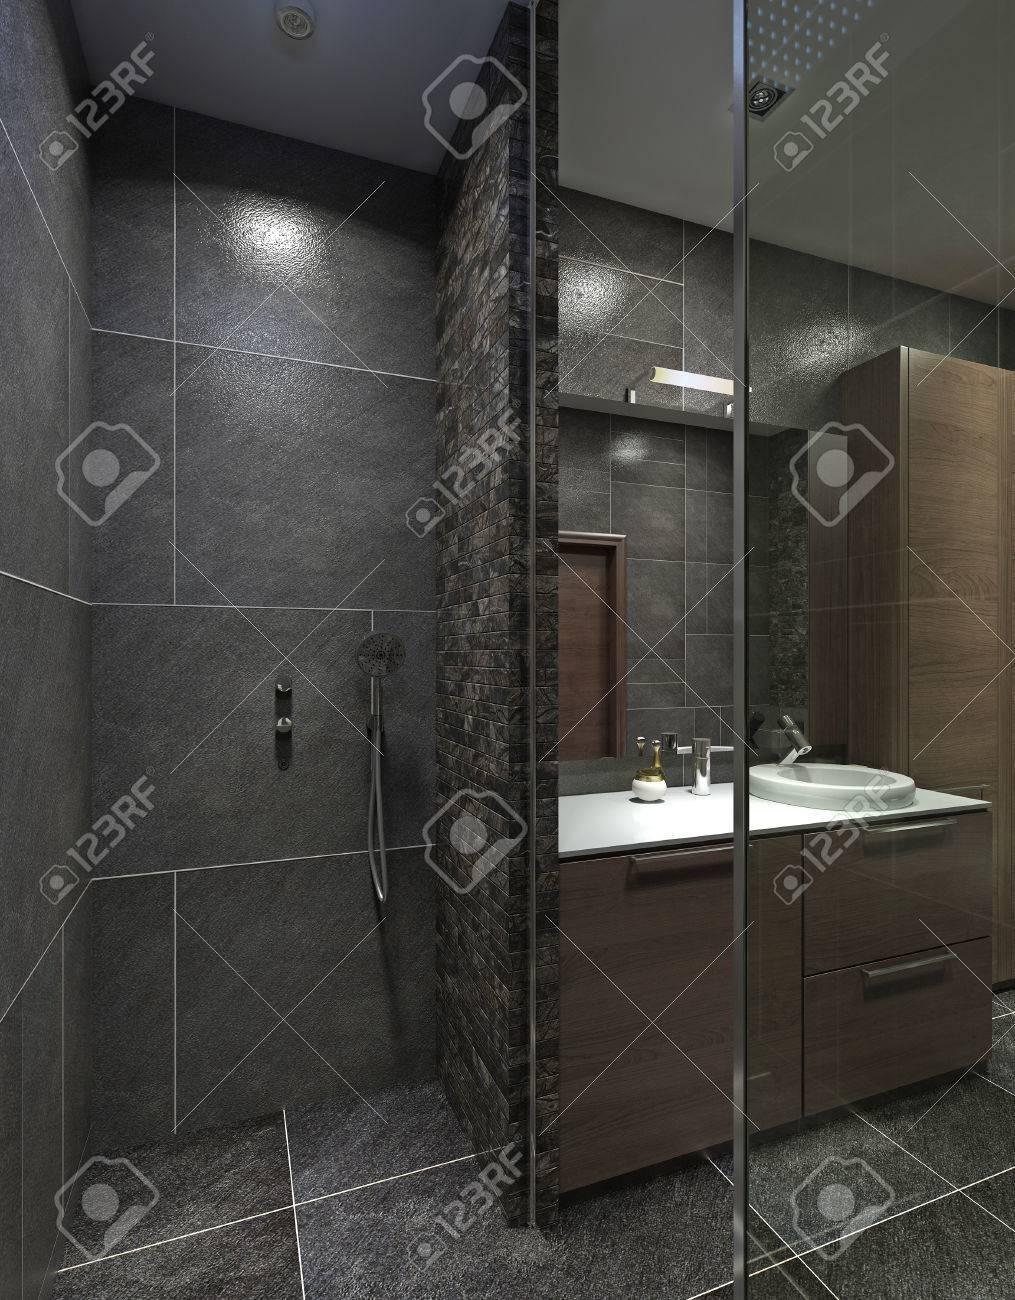 L\'idée d\'une salle de bain avec une douche et une console de lavabo. Dans  le style du constructivisme. Le noir, gris et brun. Rendu 3D.